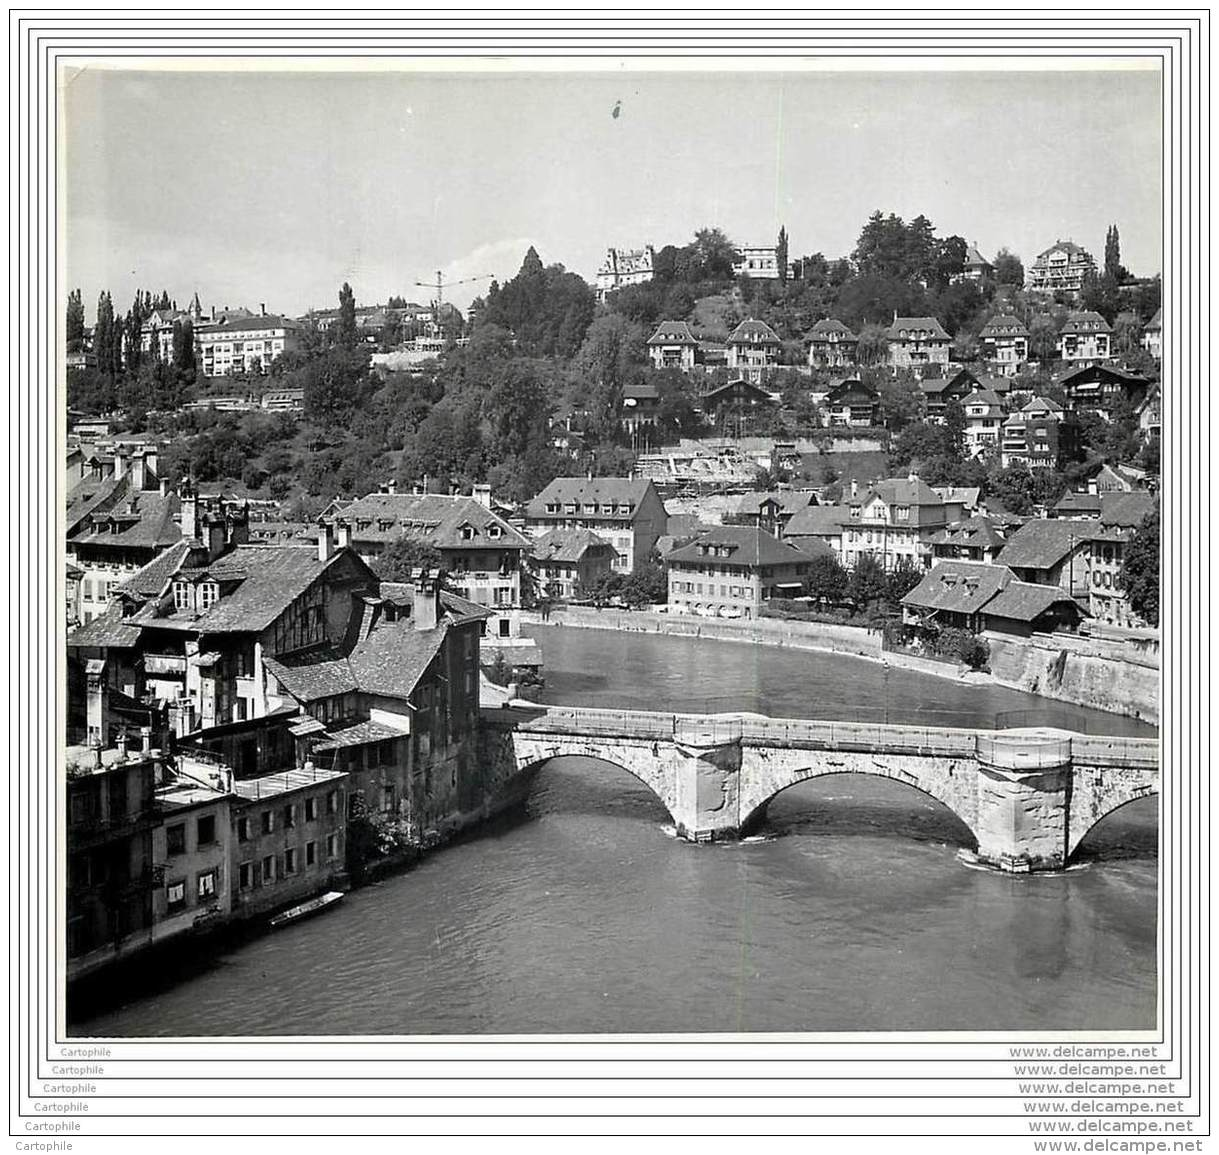 Press Photo - SUISSE - Berne - Bern - Nord De La Ville Vue Du Pont Nydegg 1949 - Lieux